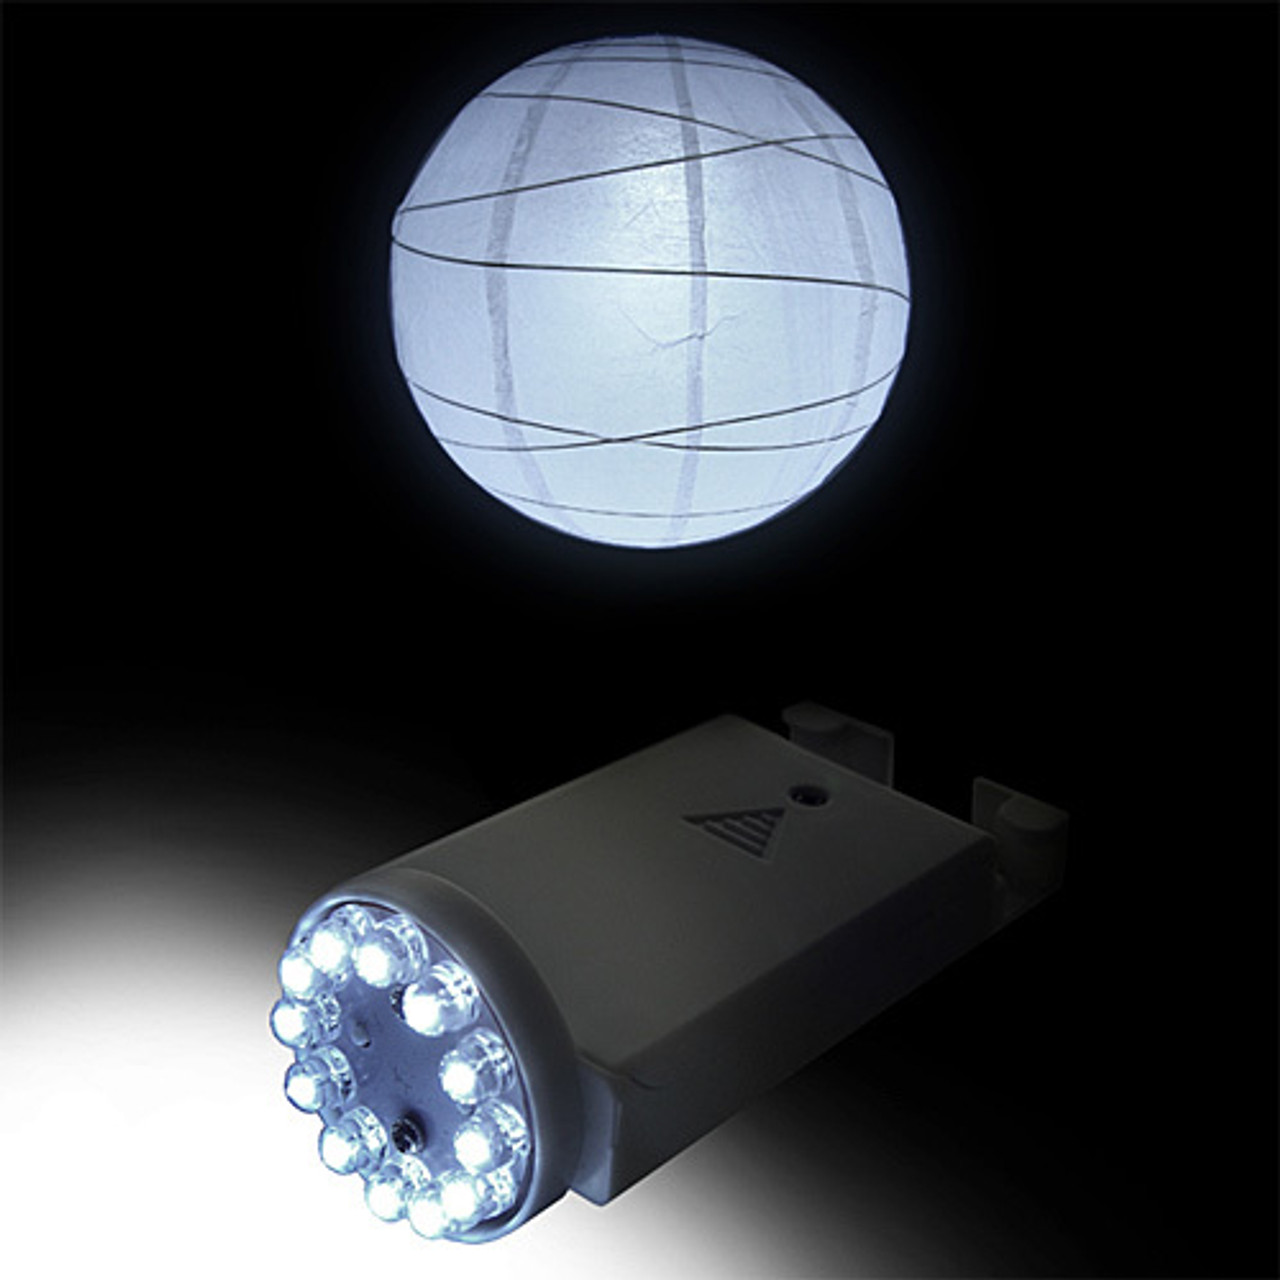 Lighting Kits for Paper & Nylon Lanterns